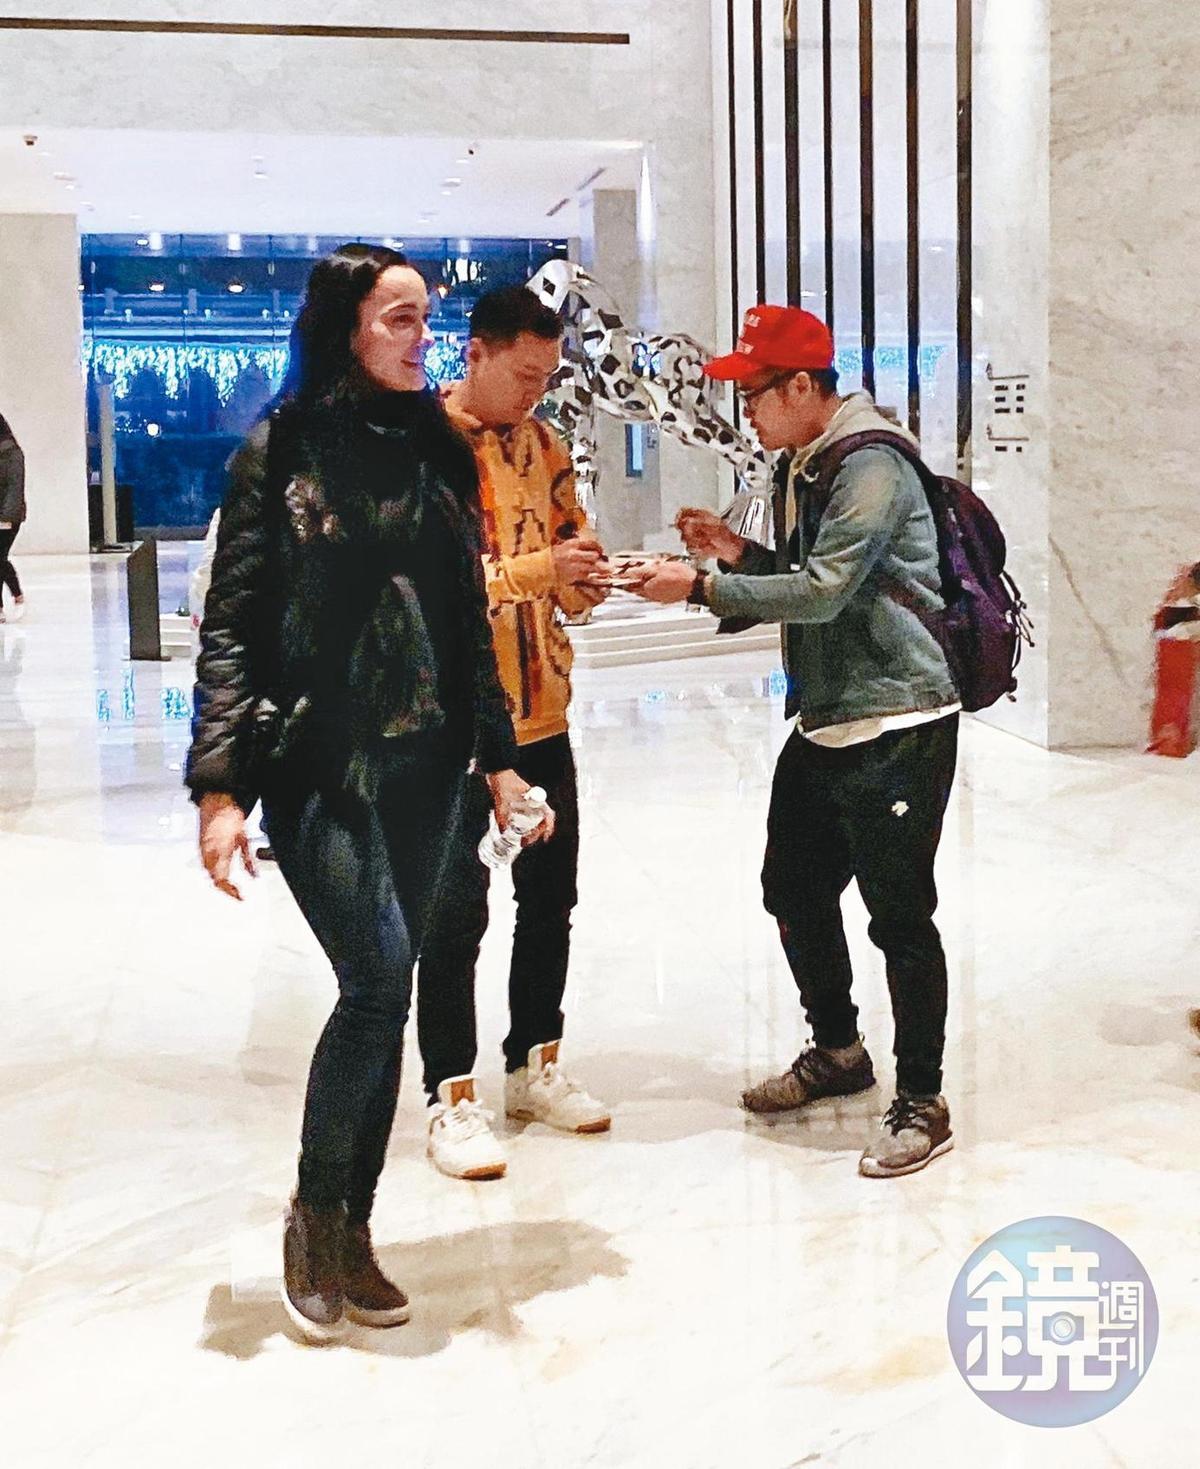 粉絲看到吳彥祖(中)立刻上前索取簽名,他相當親民和粉絲閒聊。